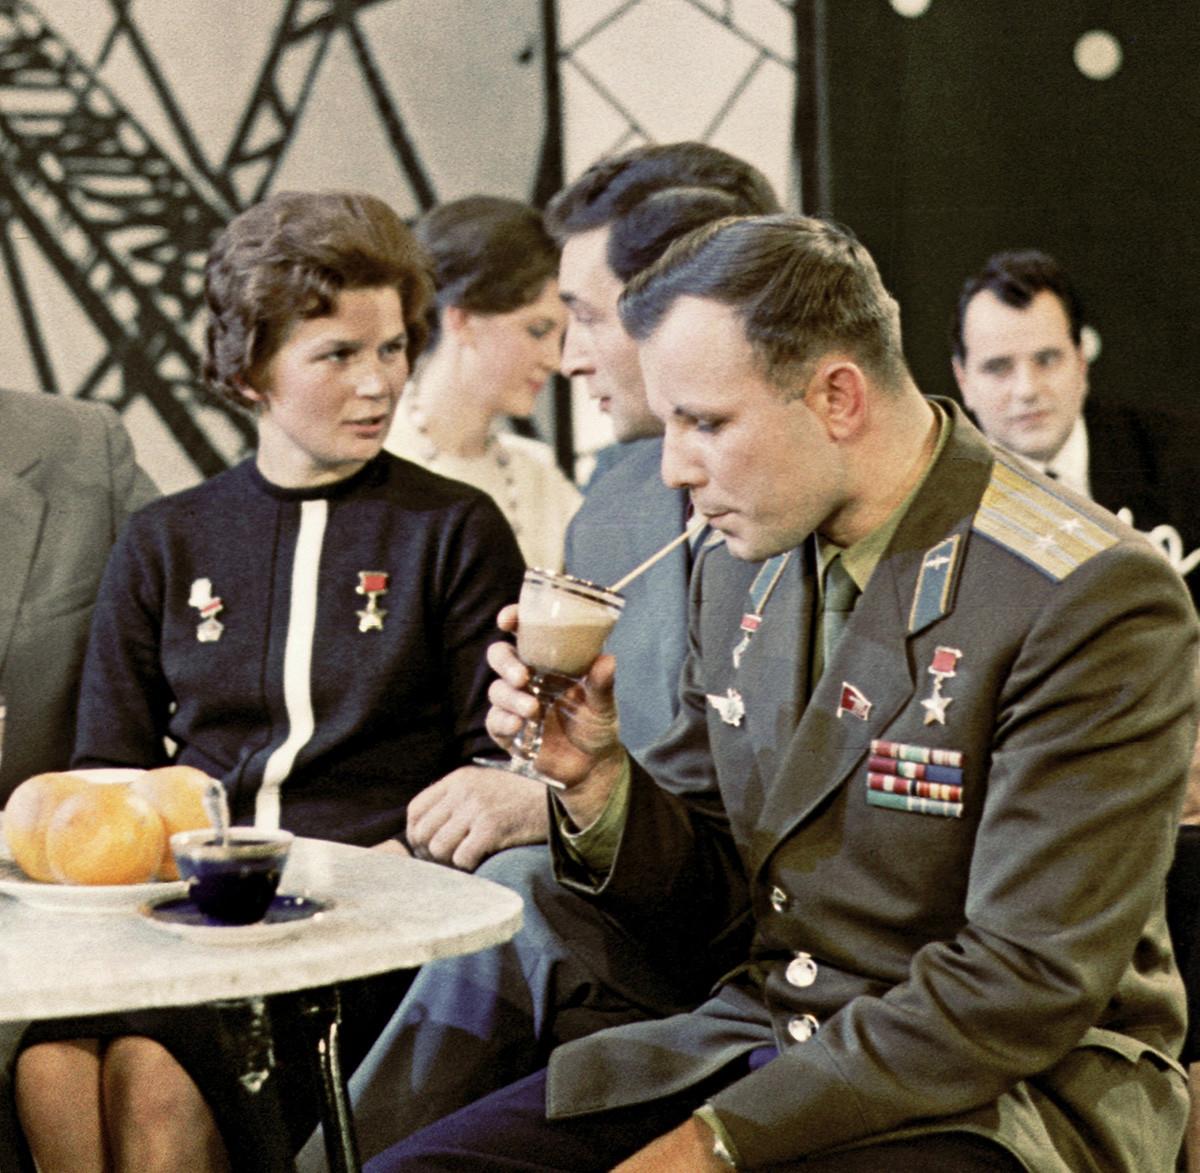 新年番組に出演するガガーリン、1963年